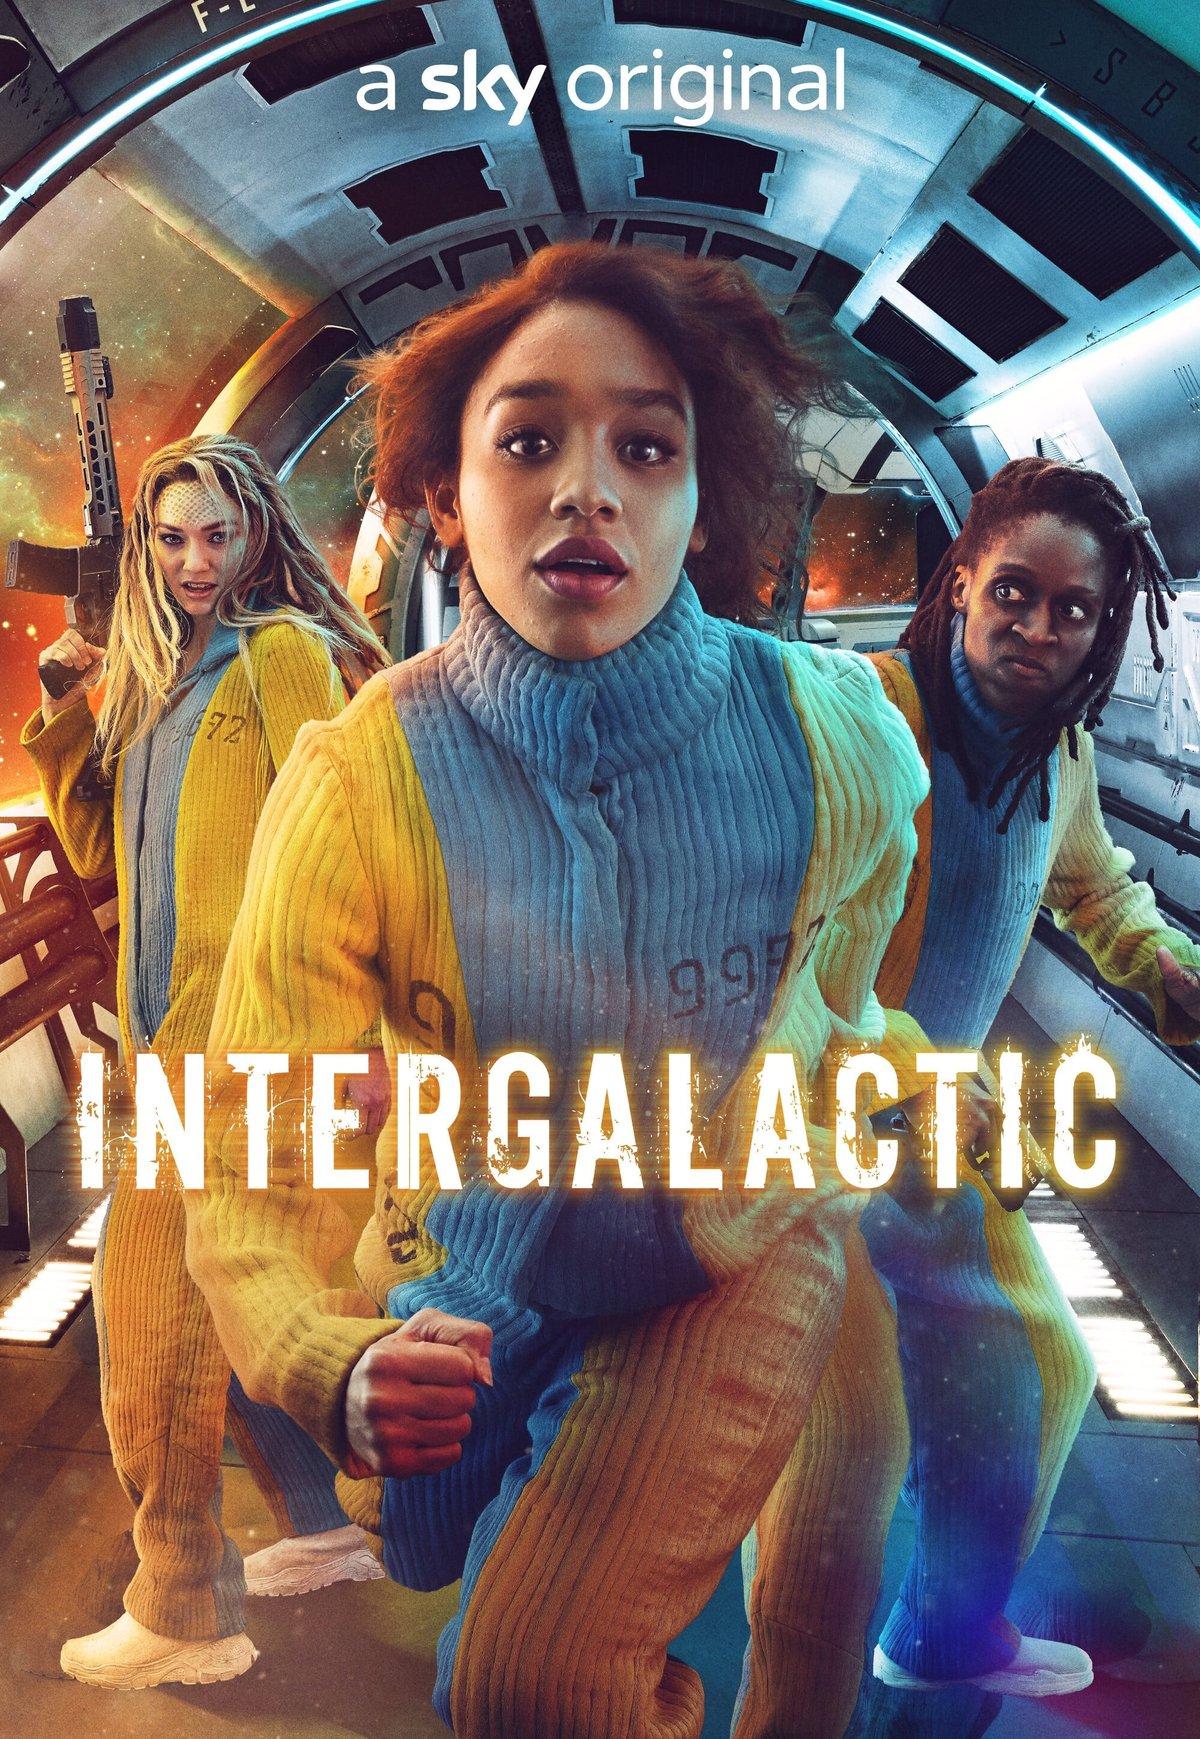 Intergalactic | Série britânica de ficção científica espacial com Savannah Steyn no Sky One